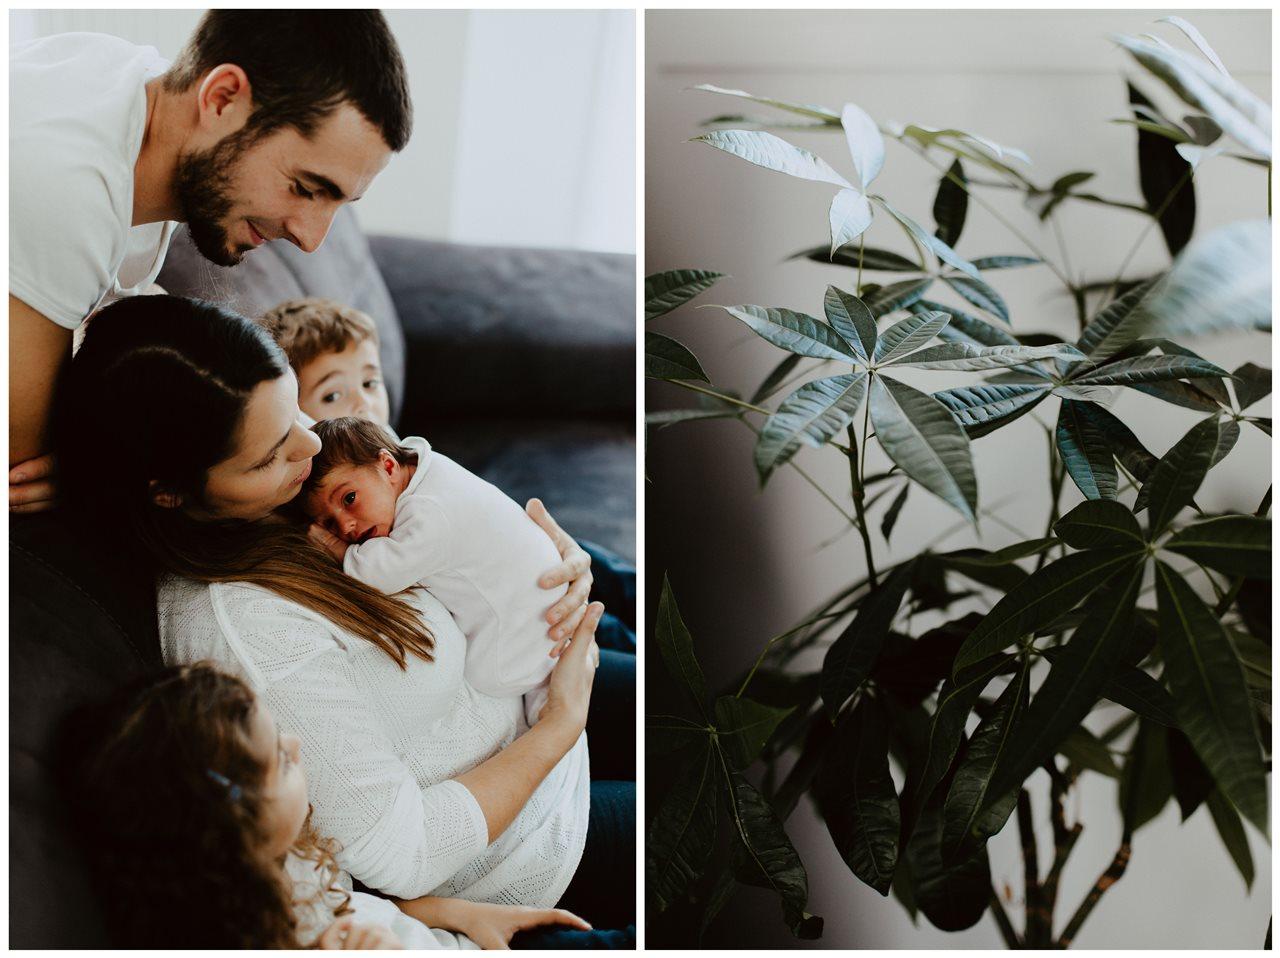 séance nouveau-né lifestyle famille canapé bébé plante